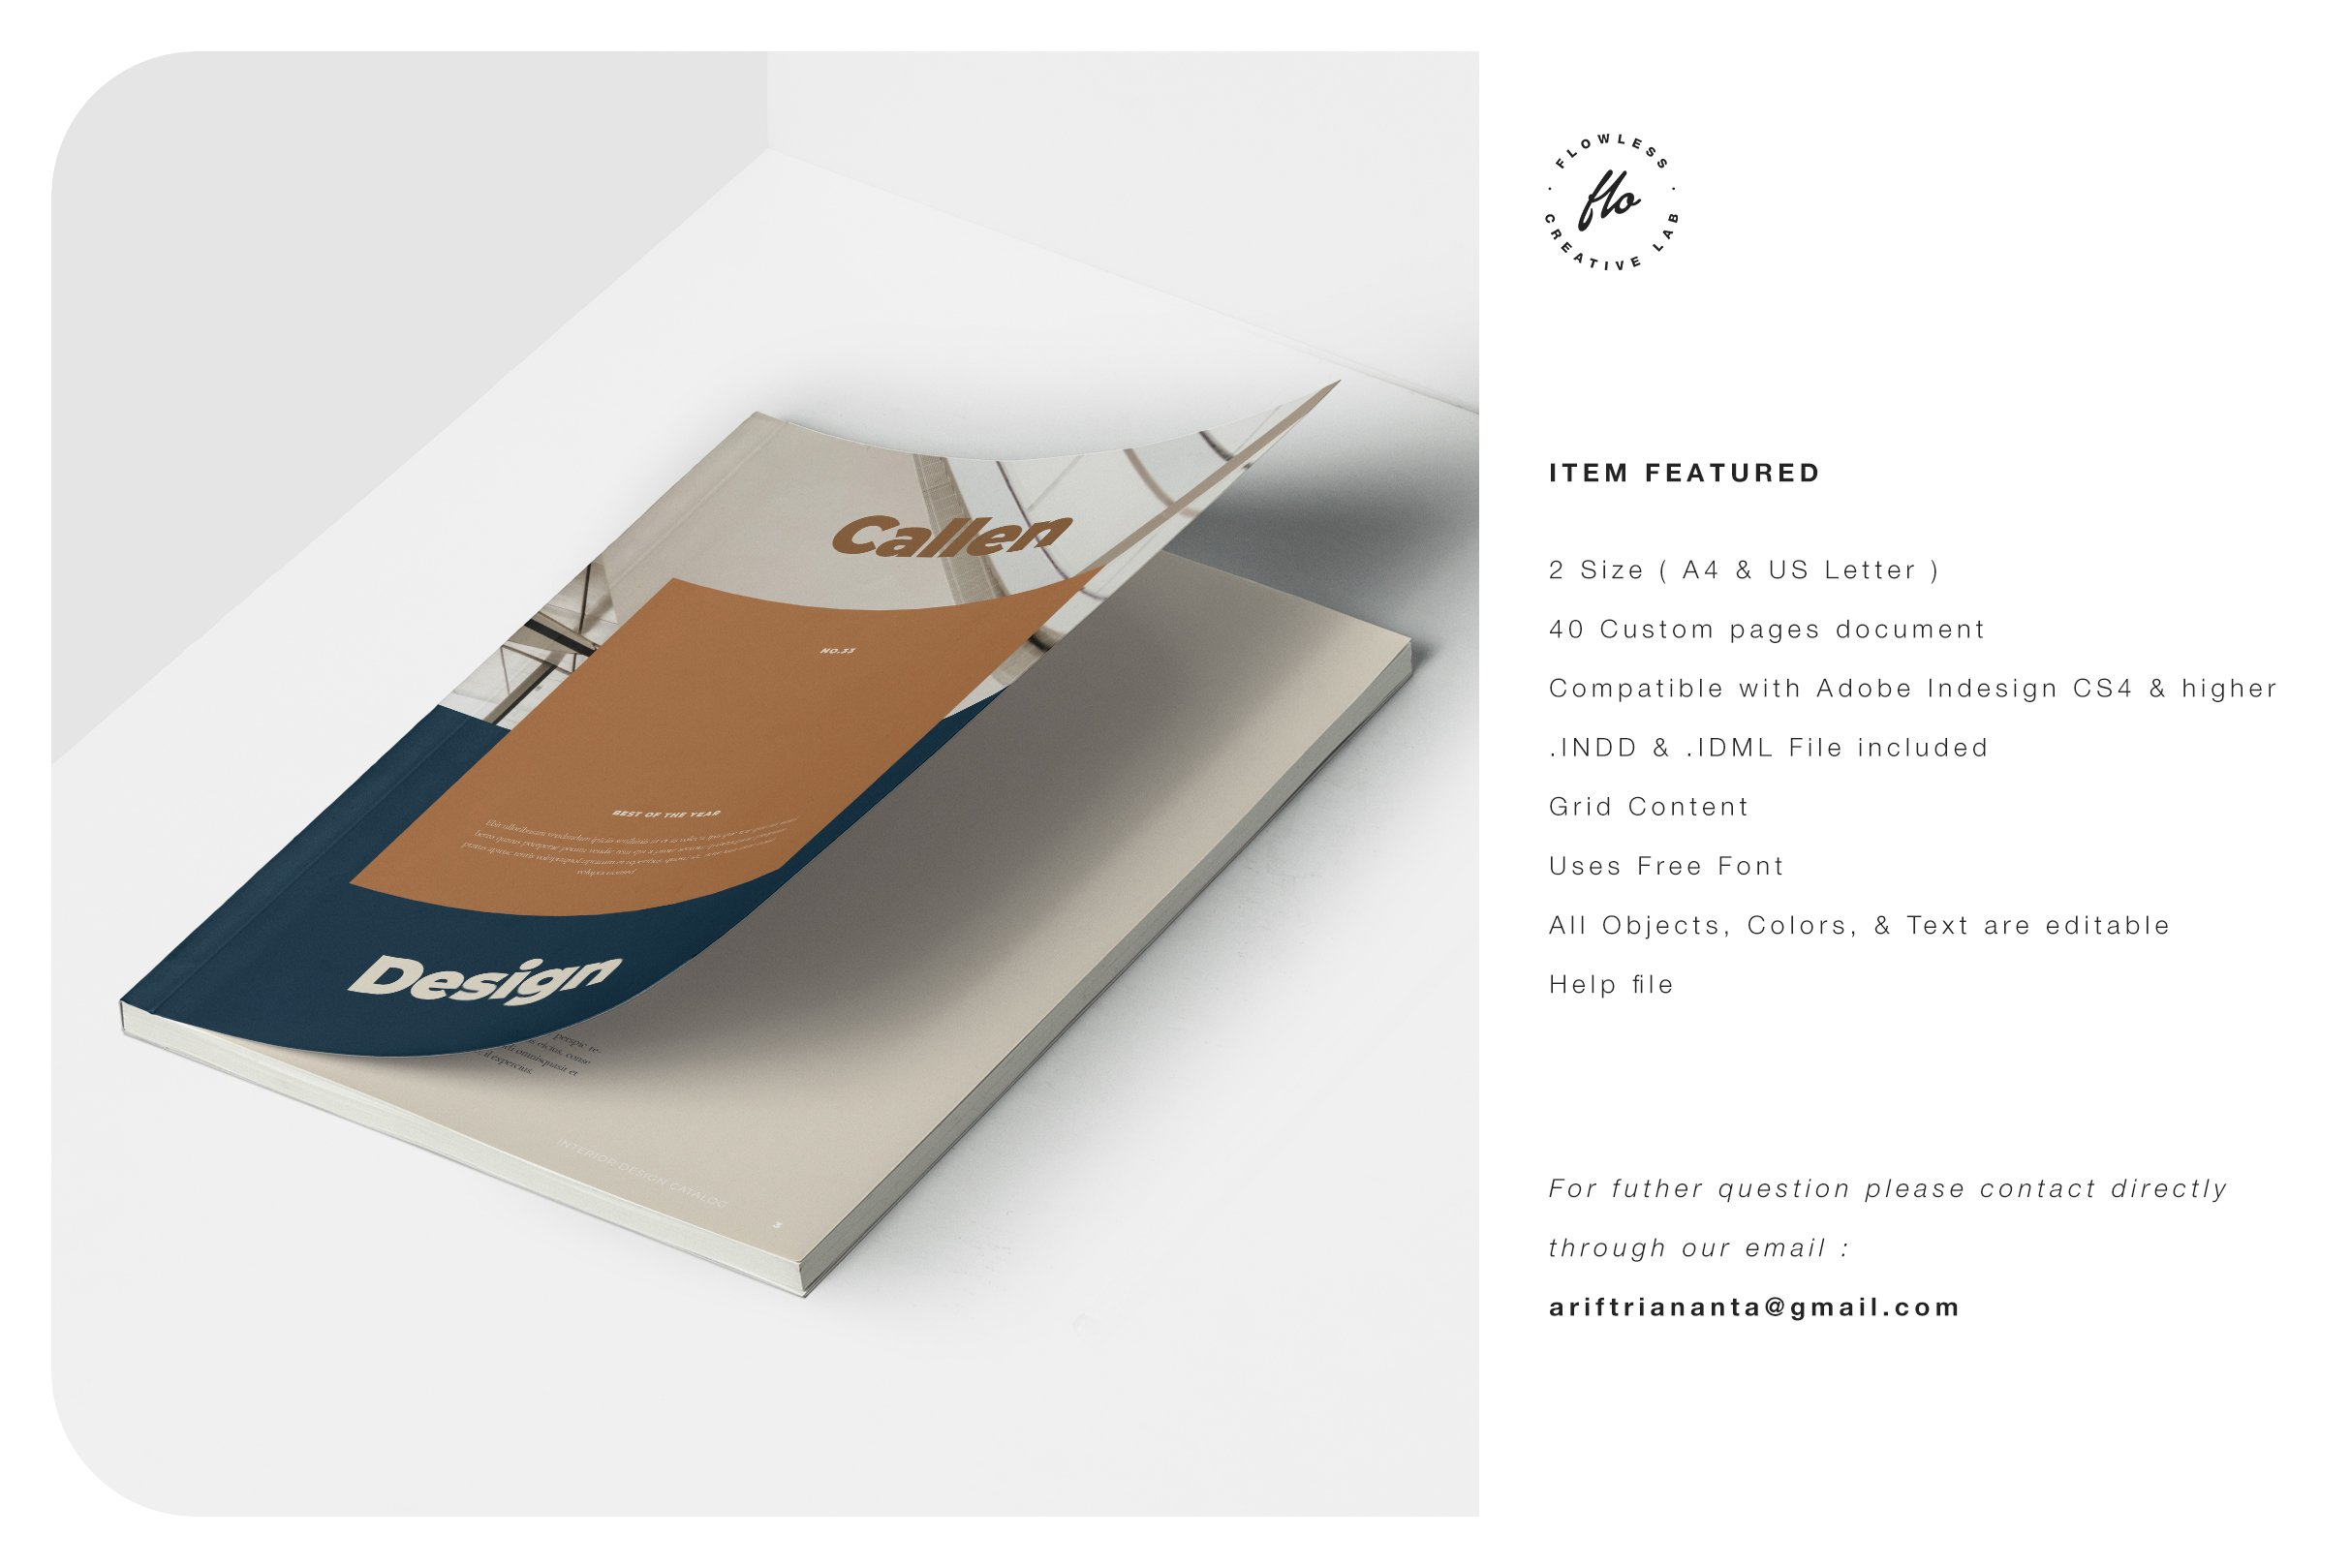 室内设计摄影作品集目录INDD画册模板 CALLEN Interior Design Catalog插图(5)